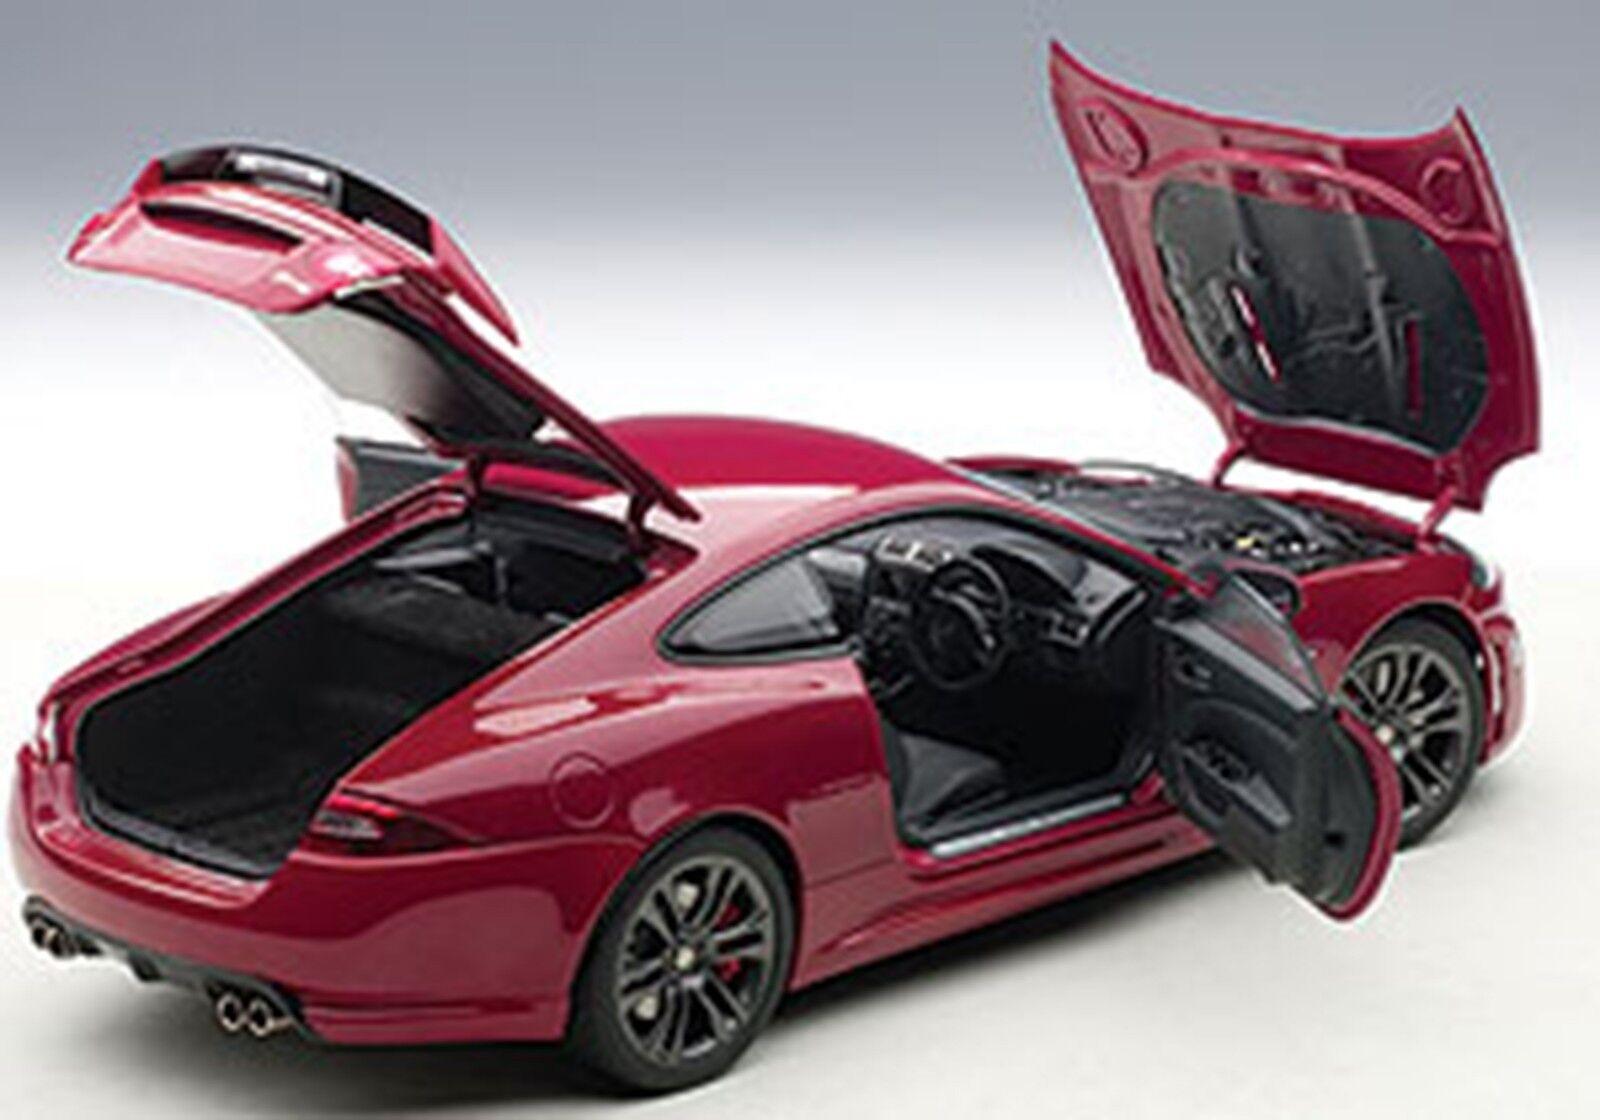 Autoart Jaguar Xkr-s Italiano Racing Coloree rosso En Escala 1 18. ¡ Nuevo en Stock